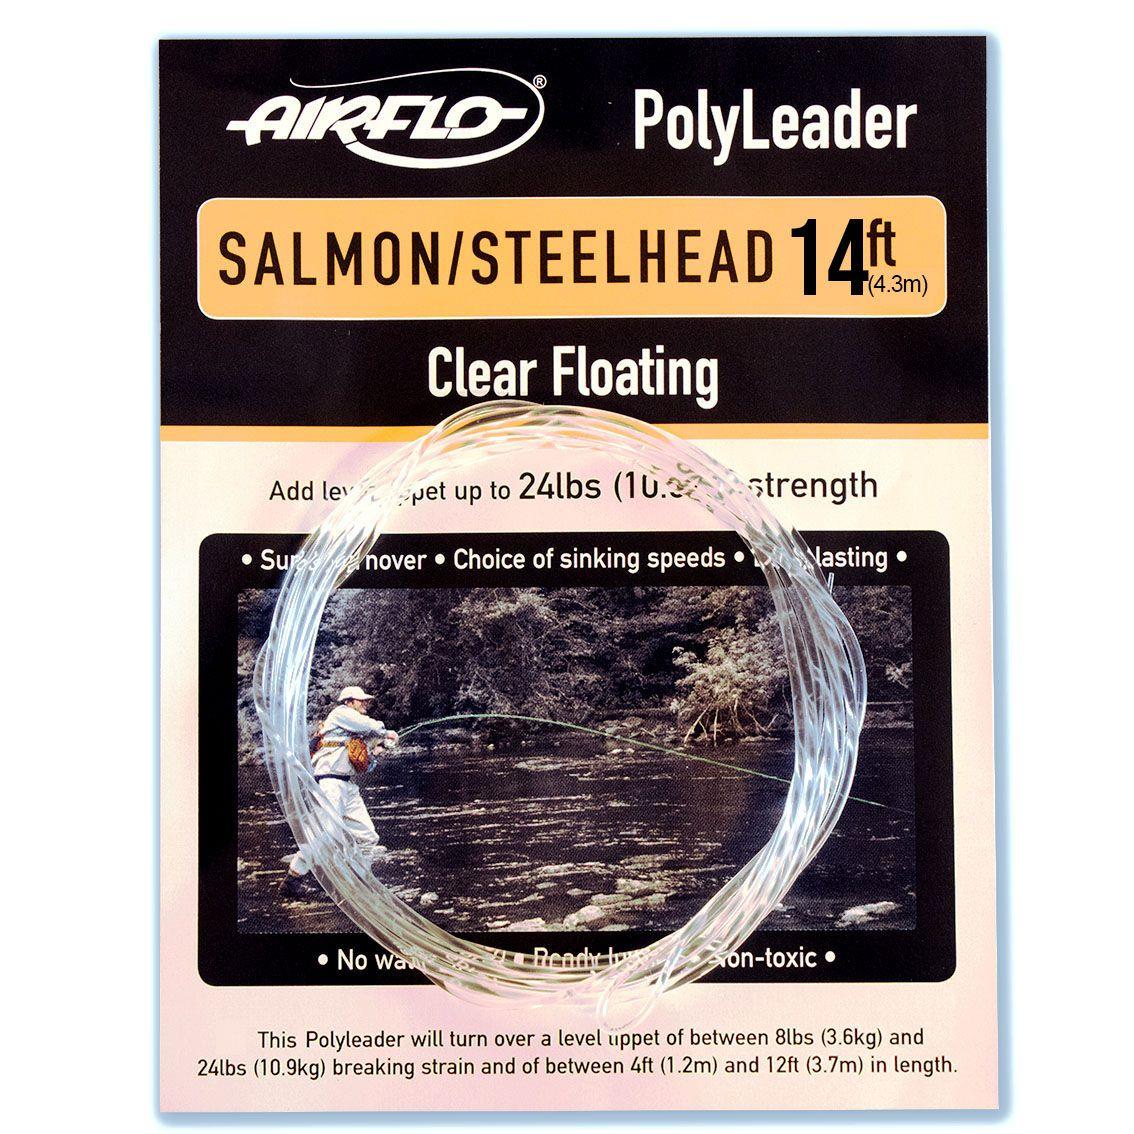 Polyleader Airflo Salmon Steelhead 14' (Floating)